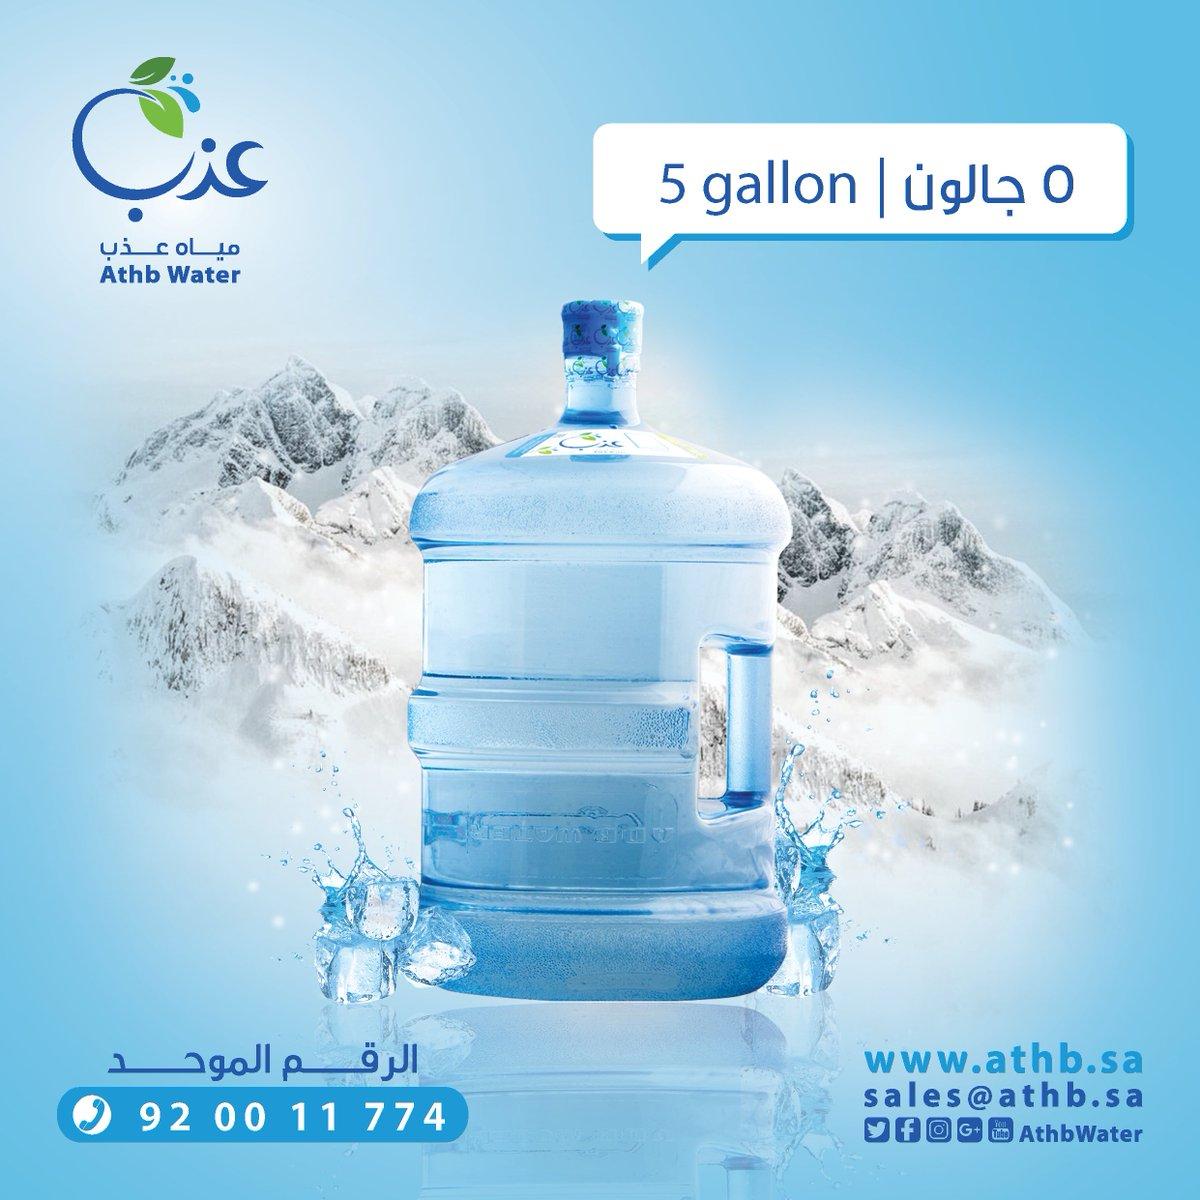 مياه عذب Auf Twitter اختيارك الاقتصادي ٥ جالون يصلك لمنزلك ولمكتبك يمكنك الطلب والاشتراك الآن من خلال الرقم الموحد 920011774 مياه عذب عذب Https T Co Pzrmtt9sco